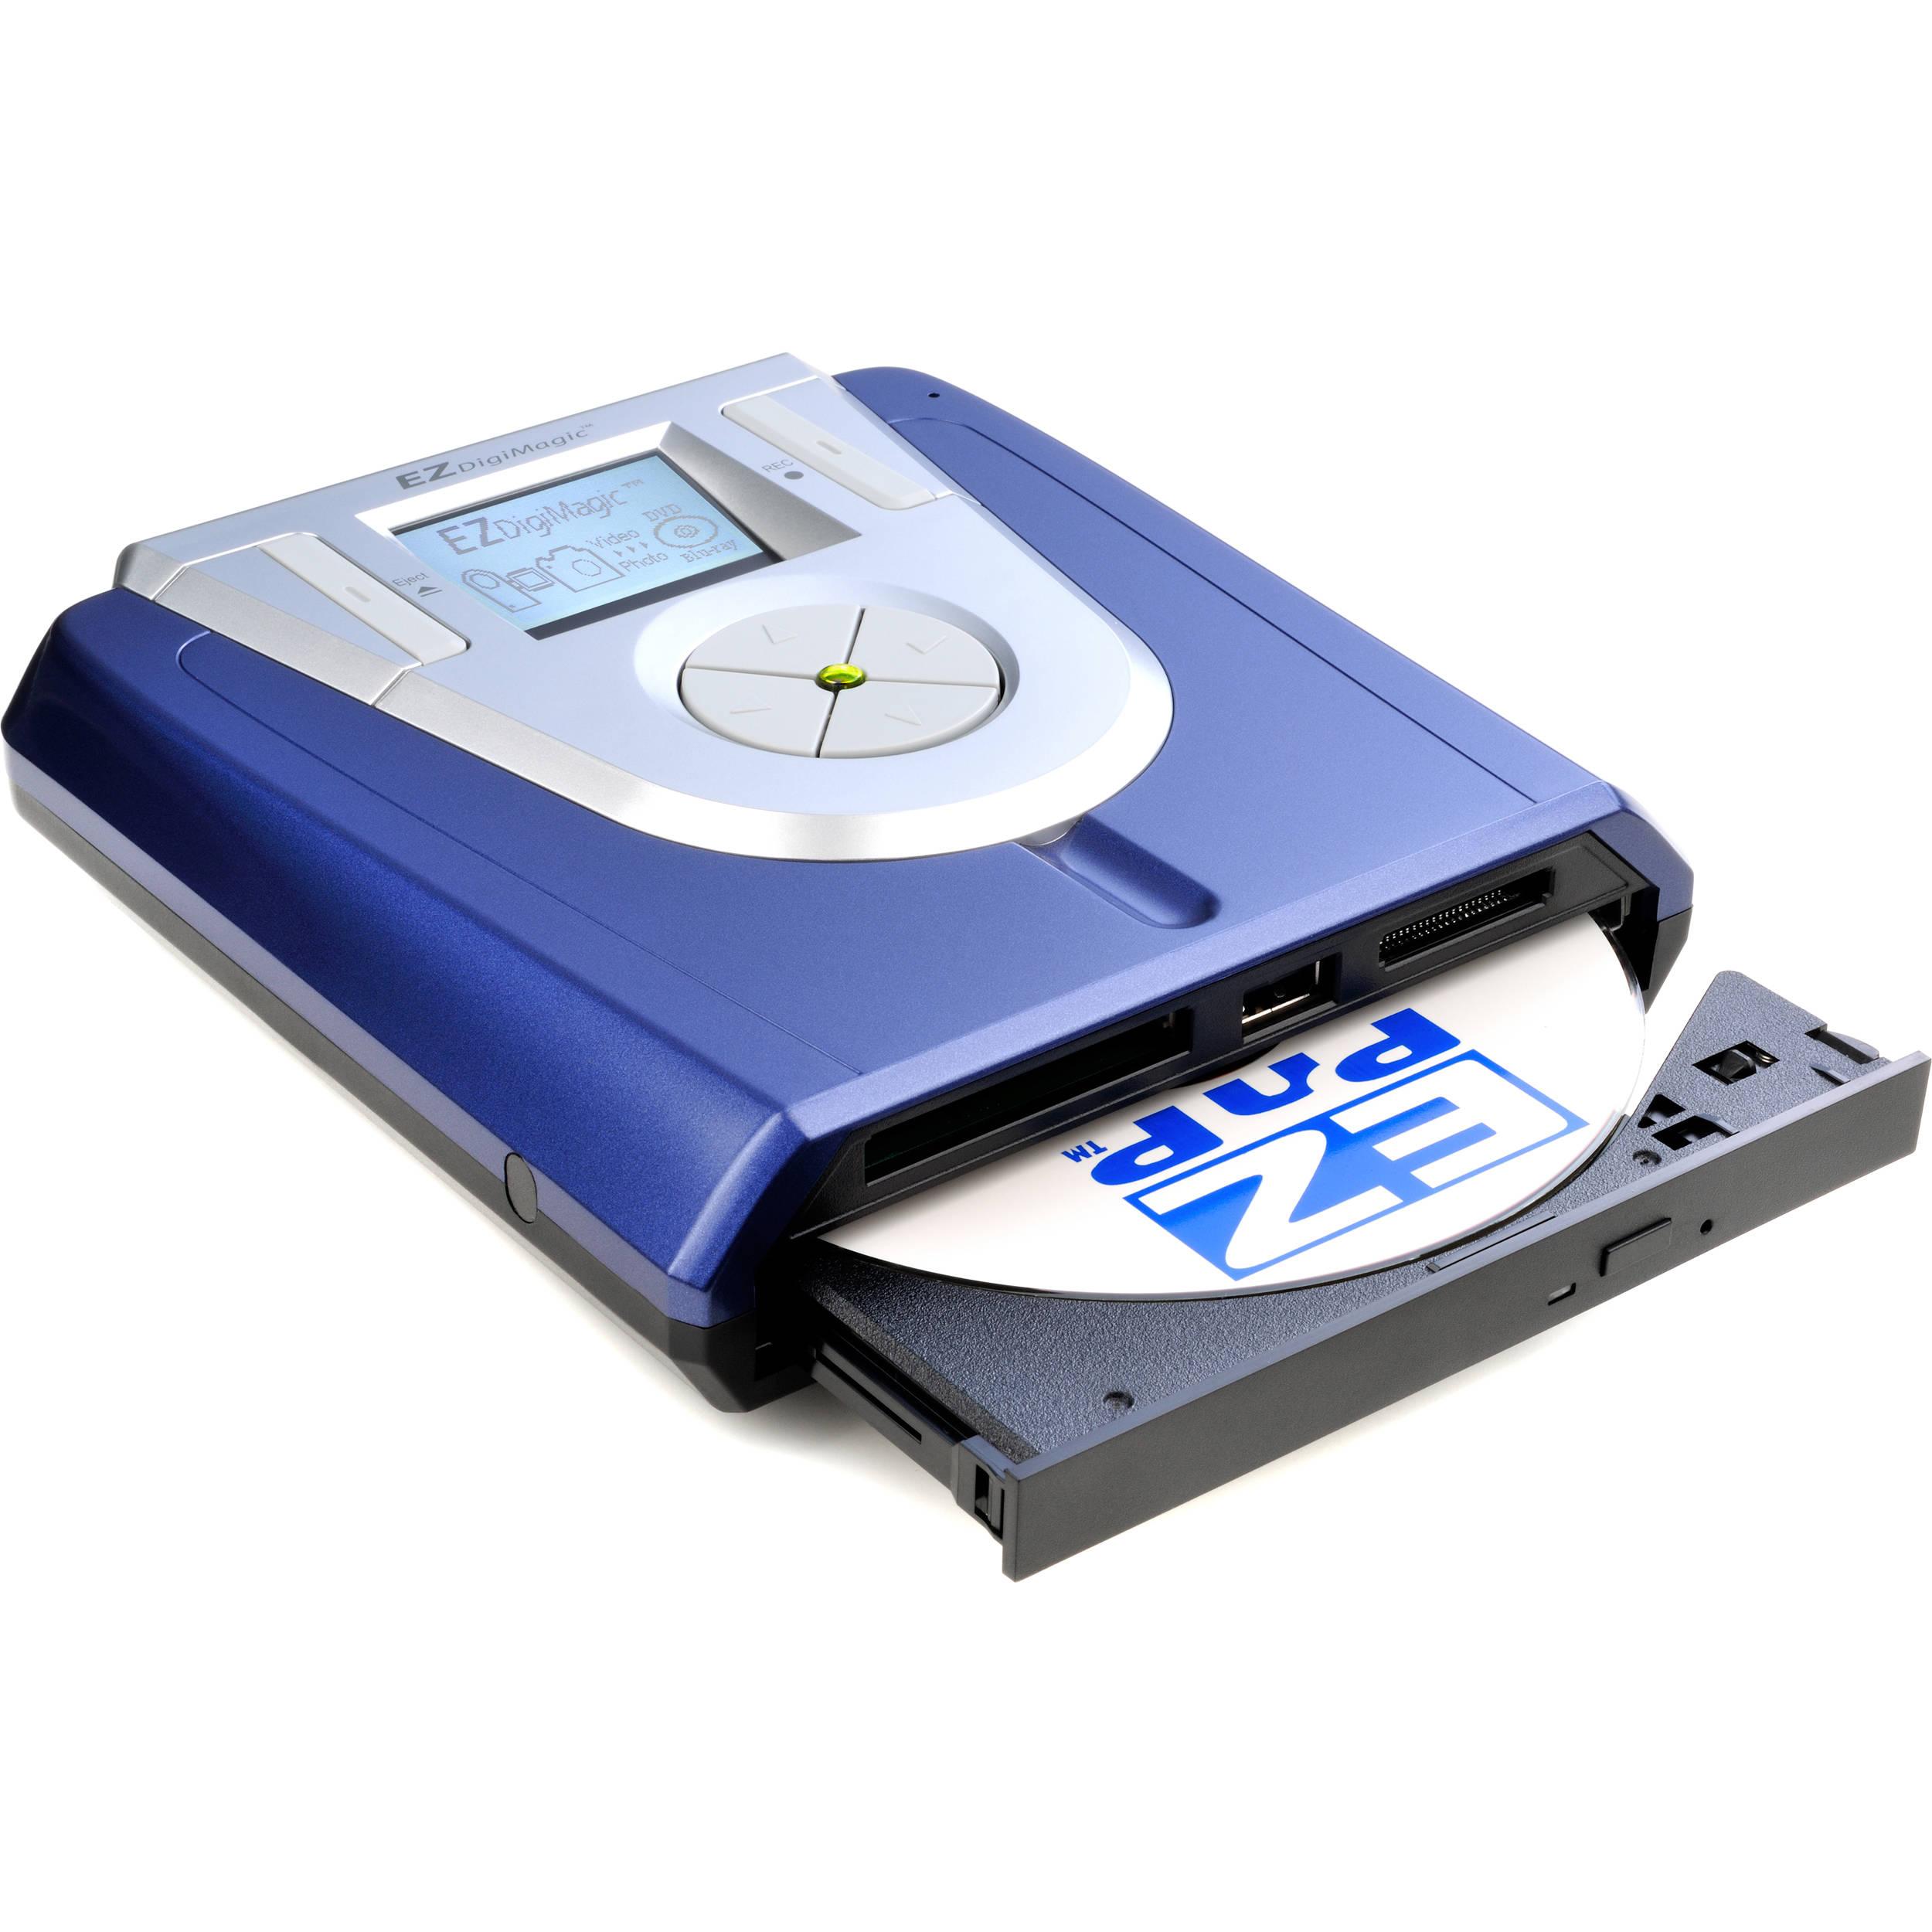 USB2.0 External DVD Burner - Top China Supplier  |Dvd Burner